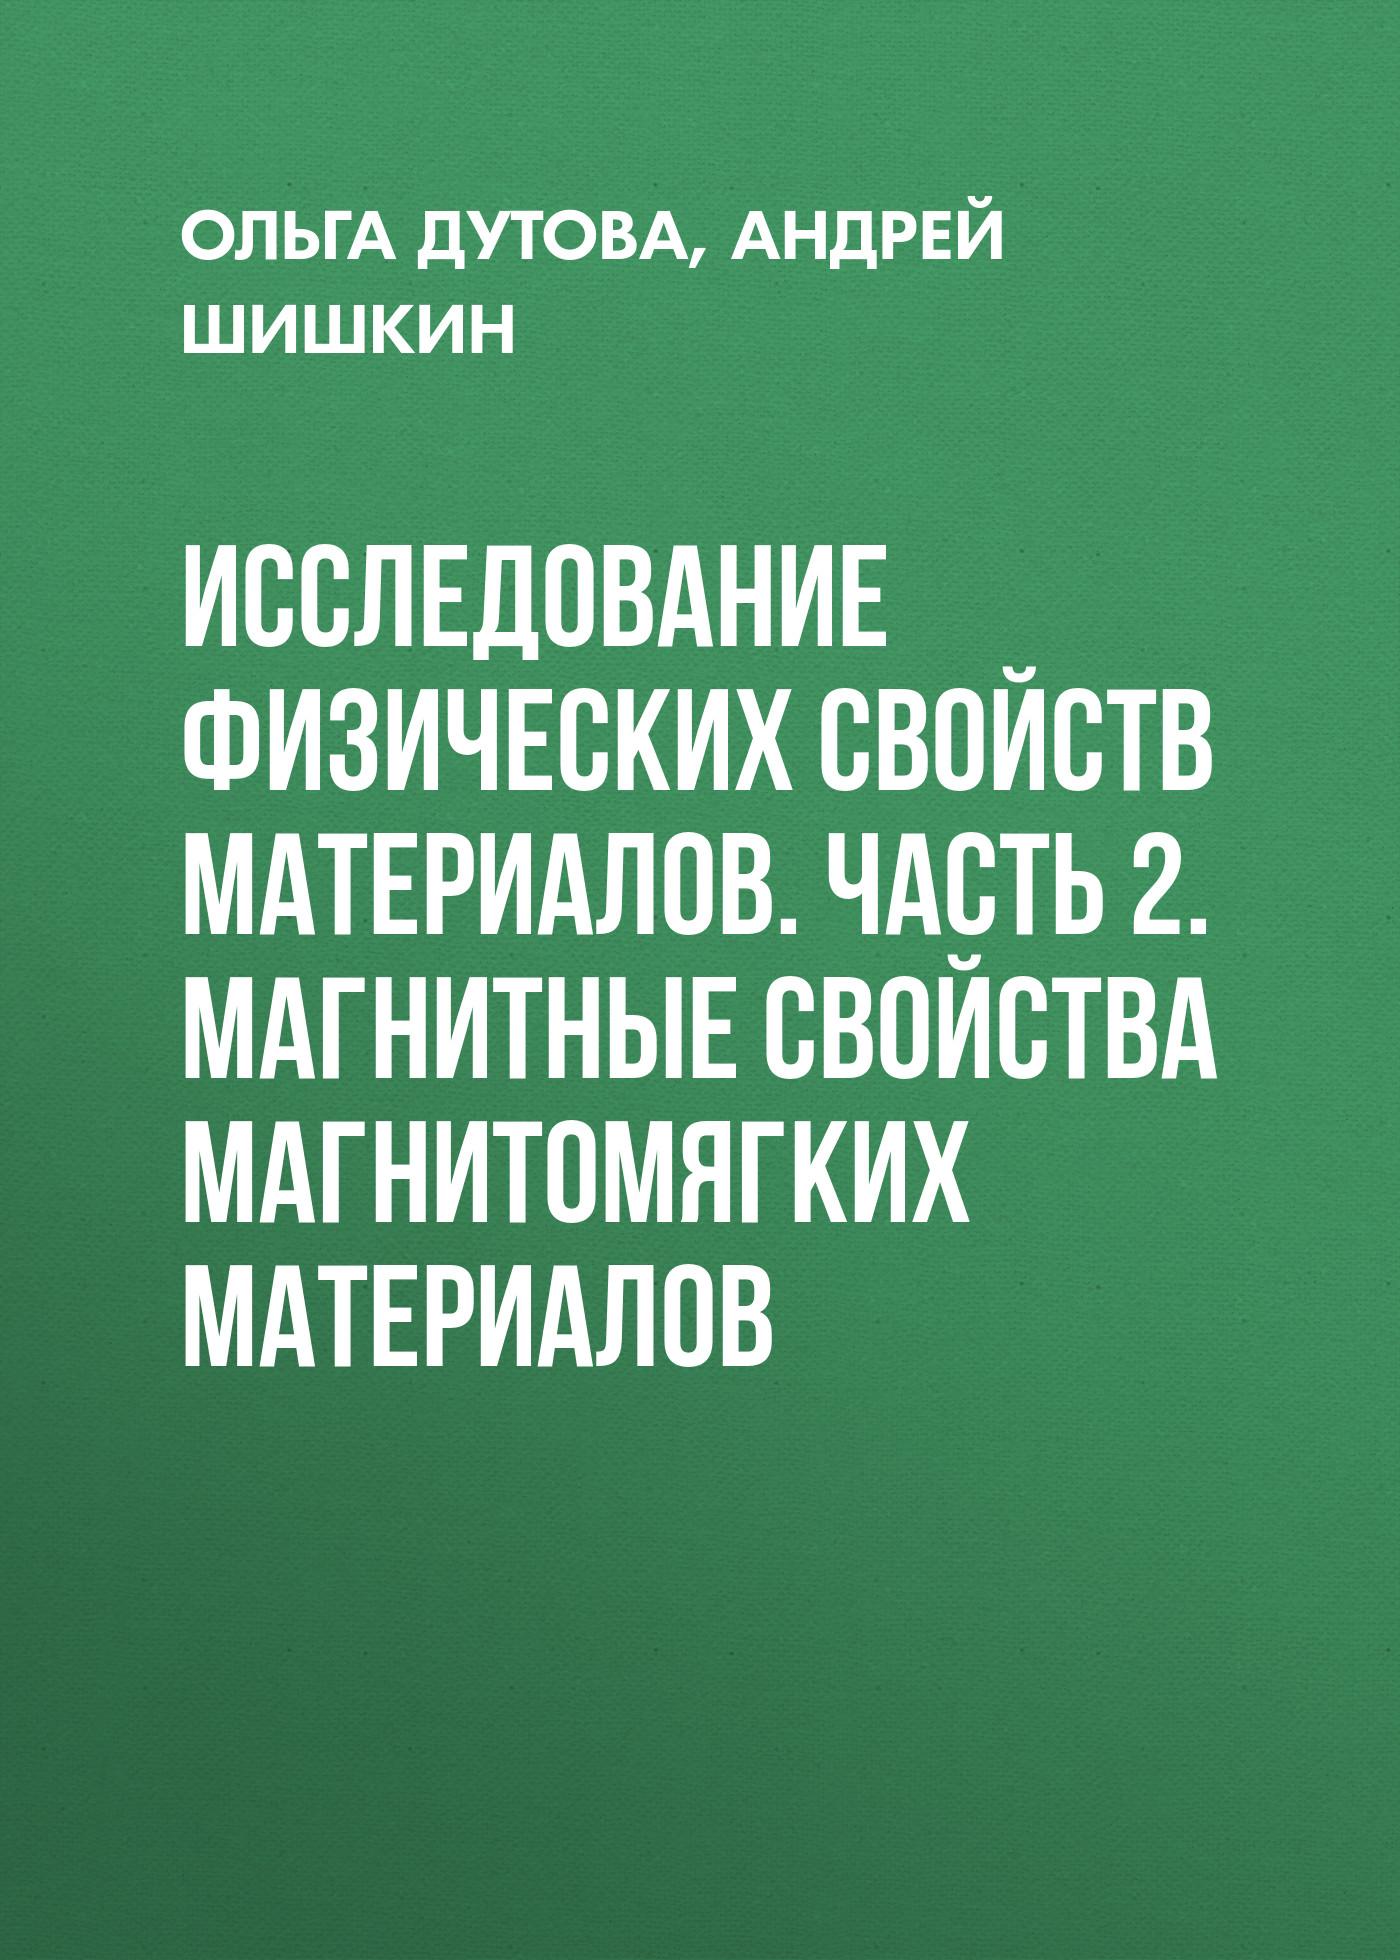 Андрей Шишкин Исследование физических свойств материалов. Часть 2. Магнитные свойства магнитомягких материалов